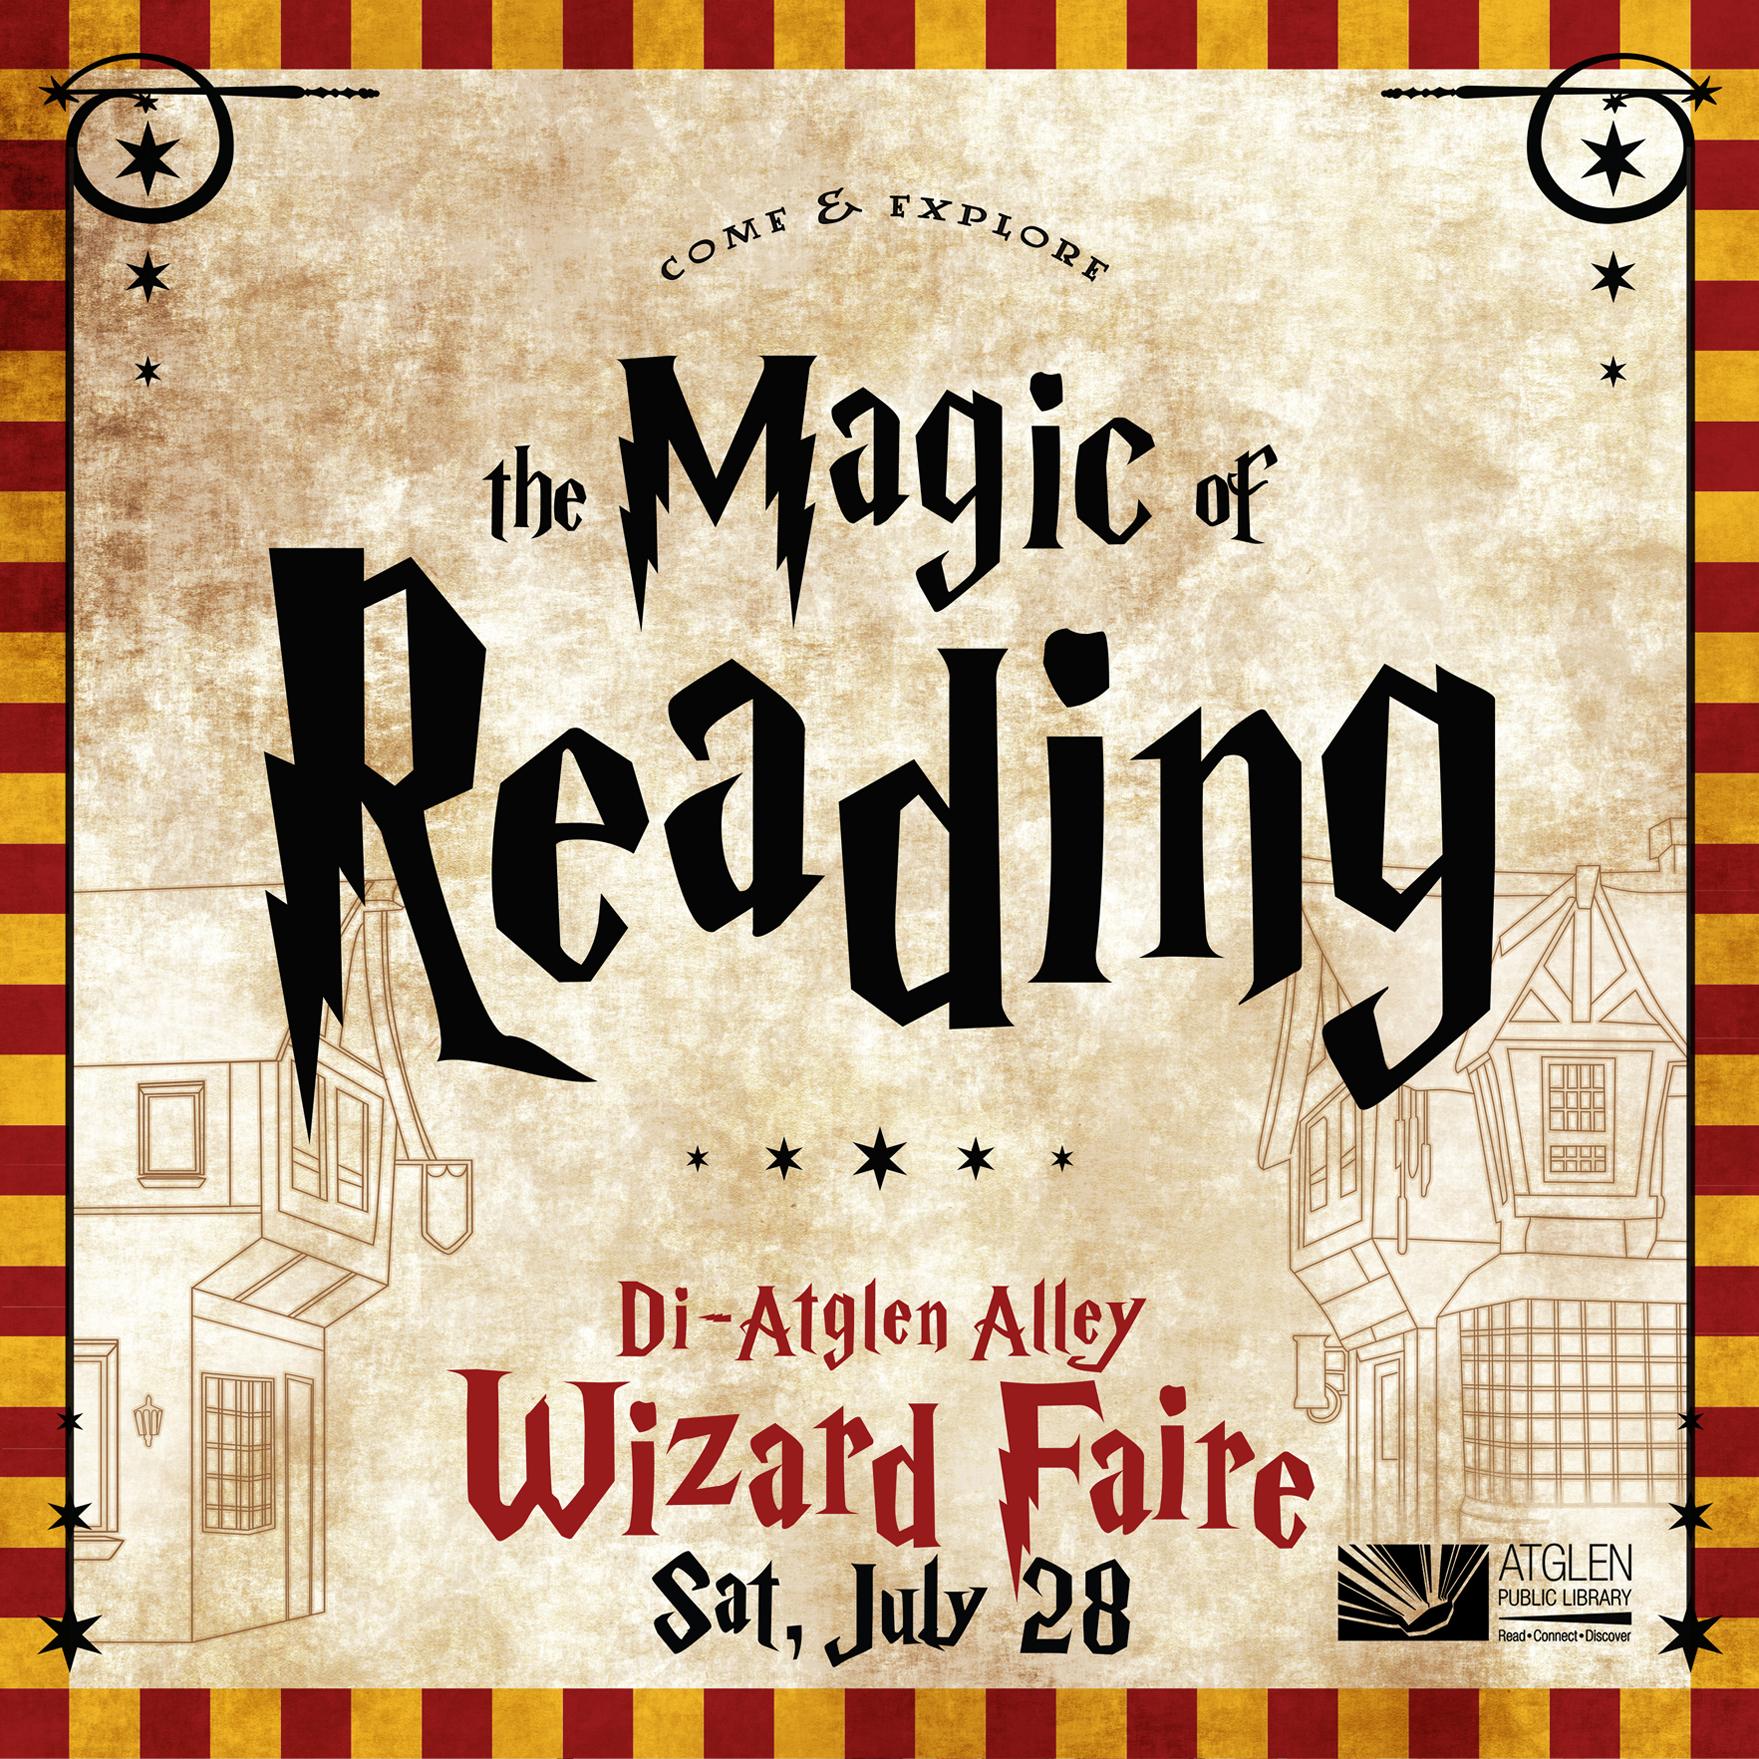 _  A Magical festival  event, print, social media